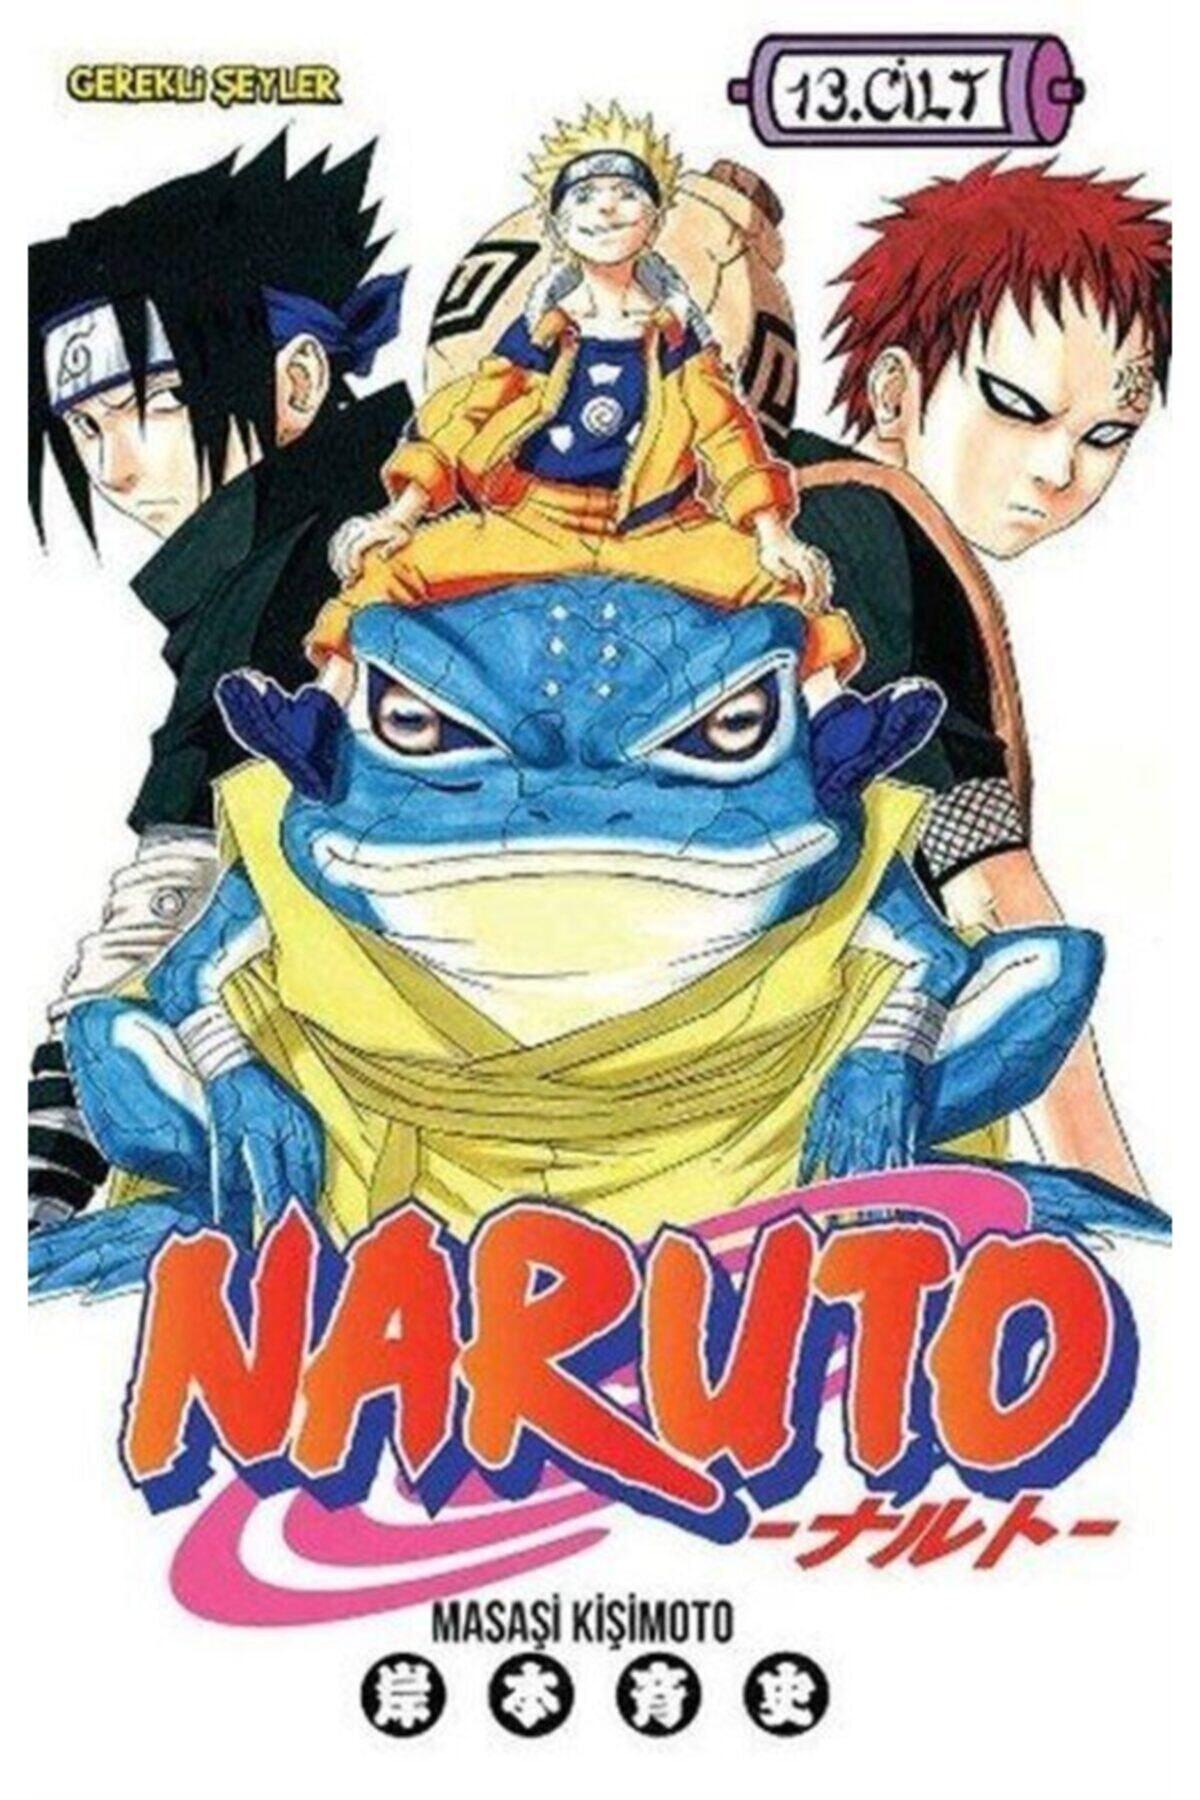 Gerekli Şeyler Yayıncılık Naruto 13. Cilt 1